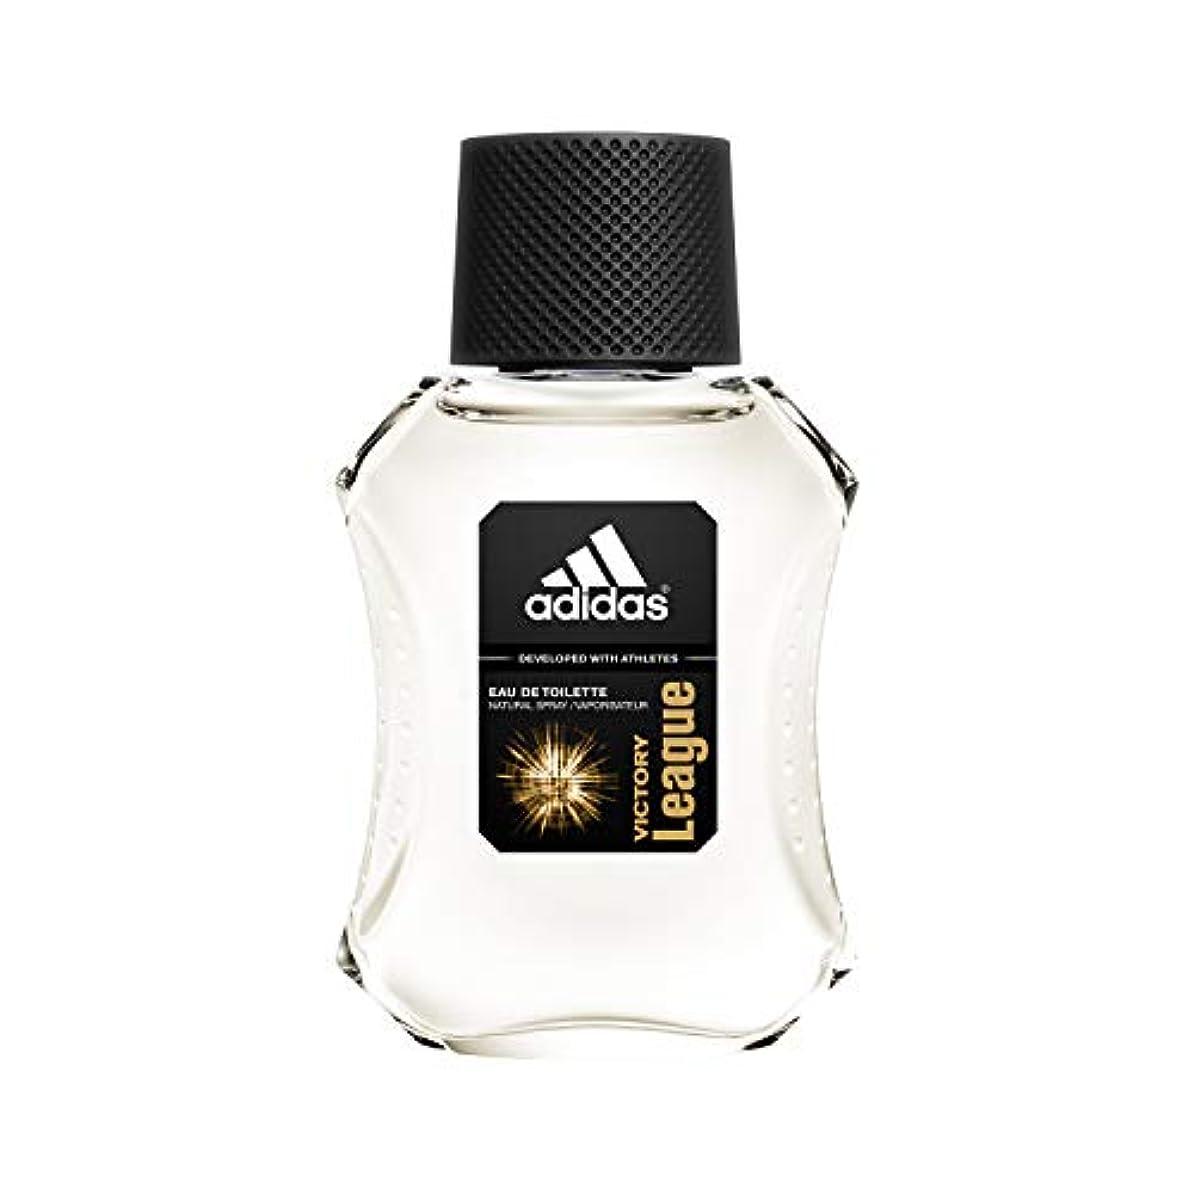 シャックルスズメバチ番目adidas(アディダス) アディダス ヴィクトリーリーグ EDT シプレー?フレッシュ 100ml